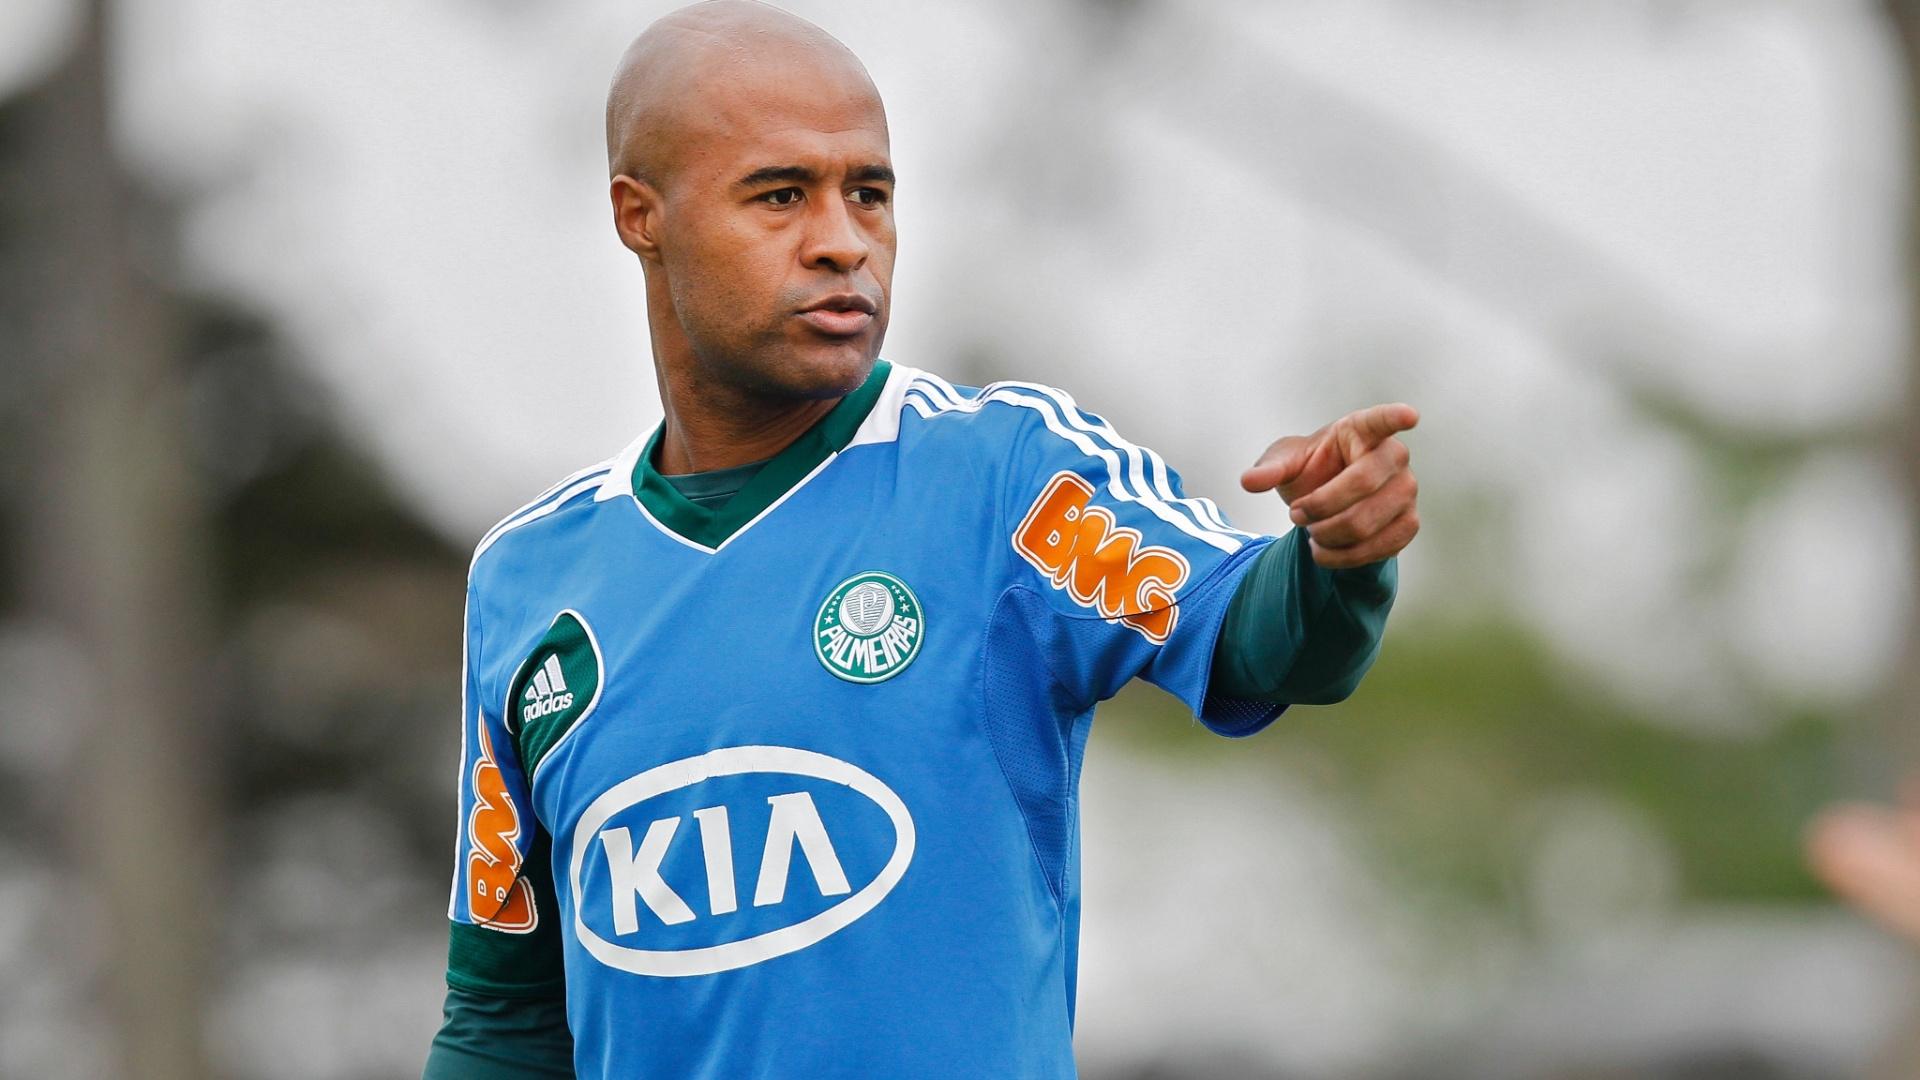 Marcos Assunção dá orientações a companheiro durante treino